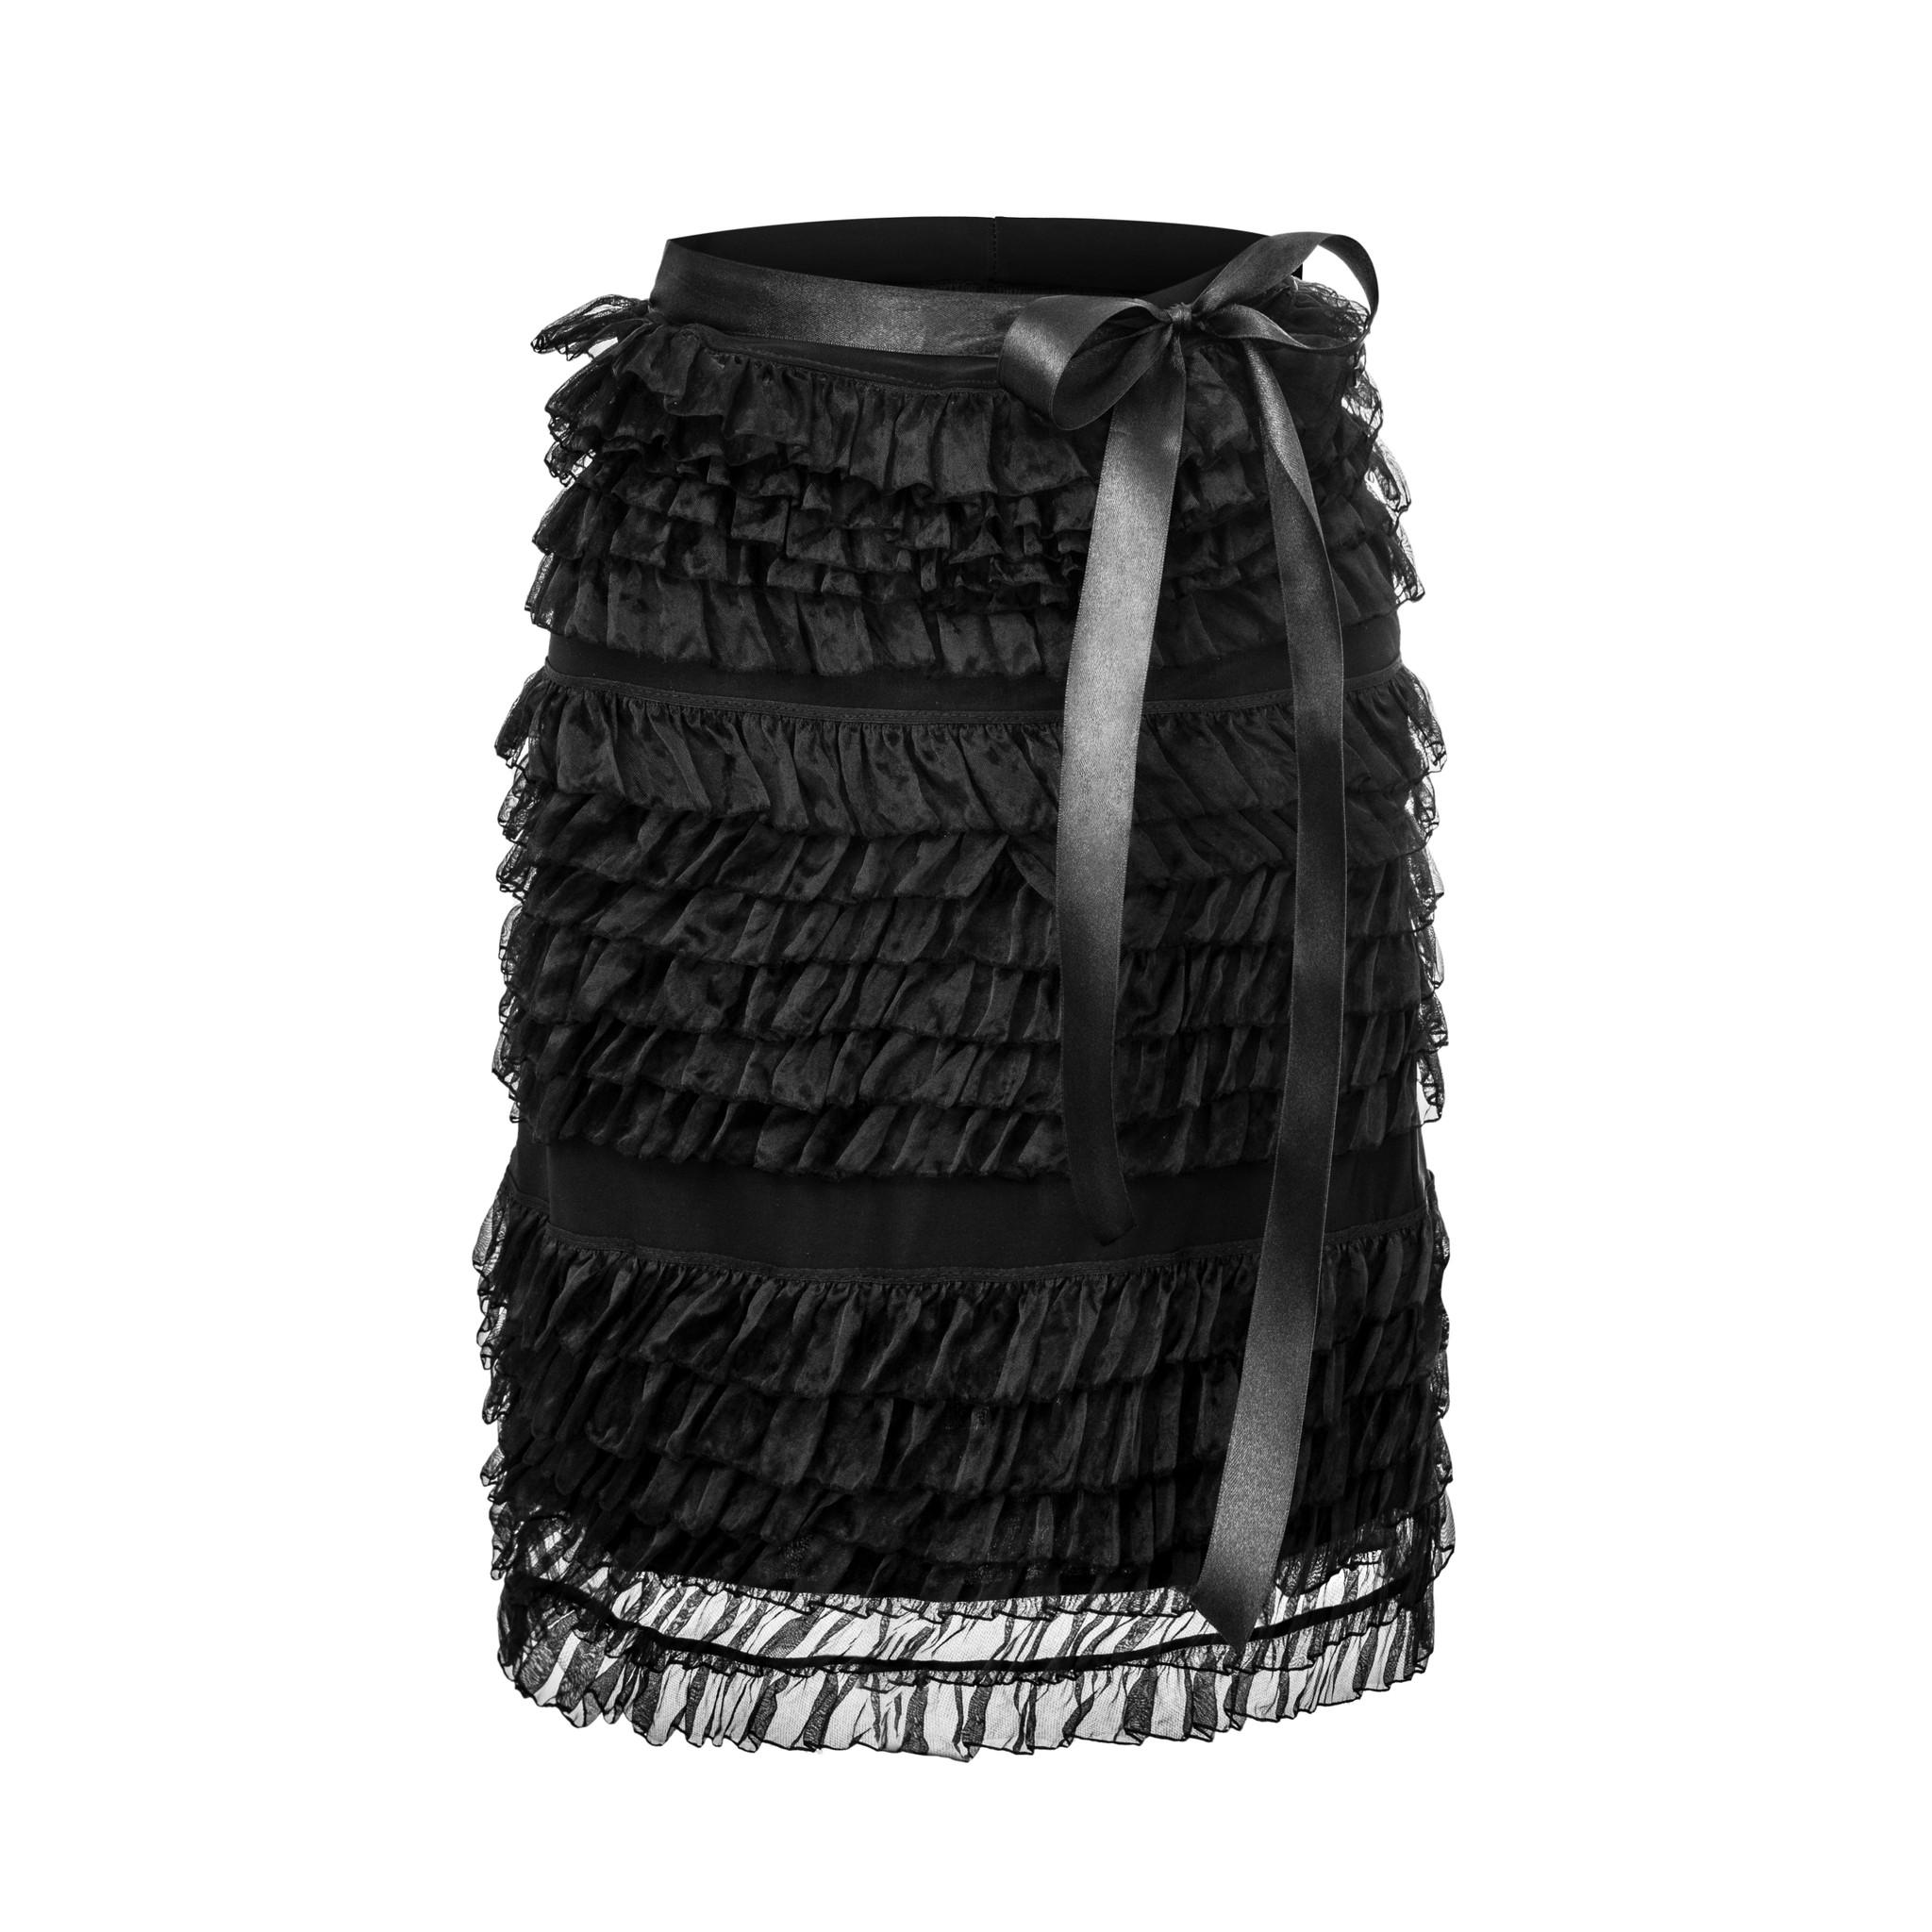 Prosta spódnica udekorowana falbankami i atlasowa wstązką na pasie Skład wiskoza 50 bawełna 50